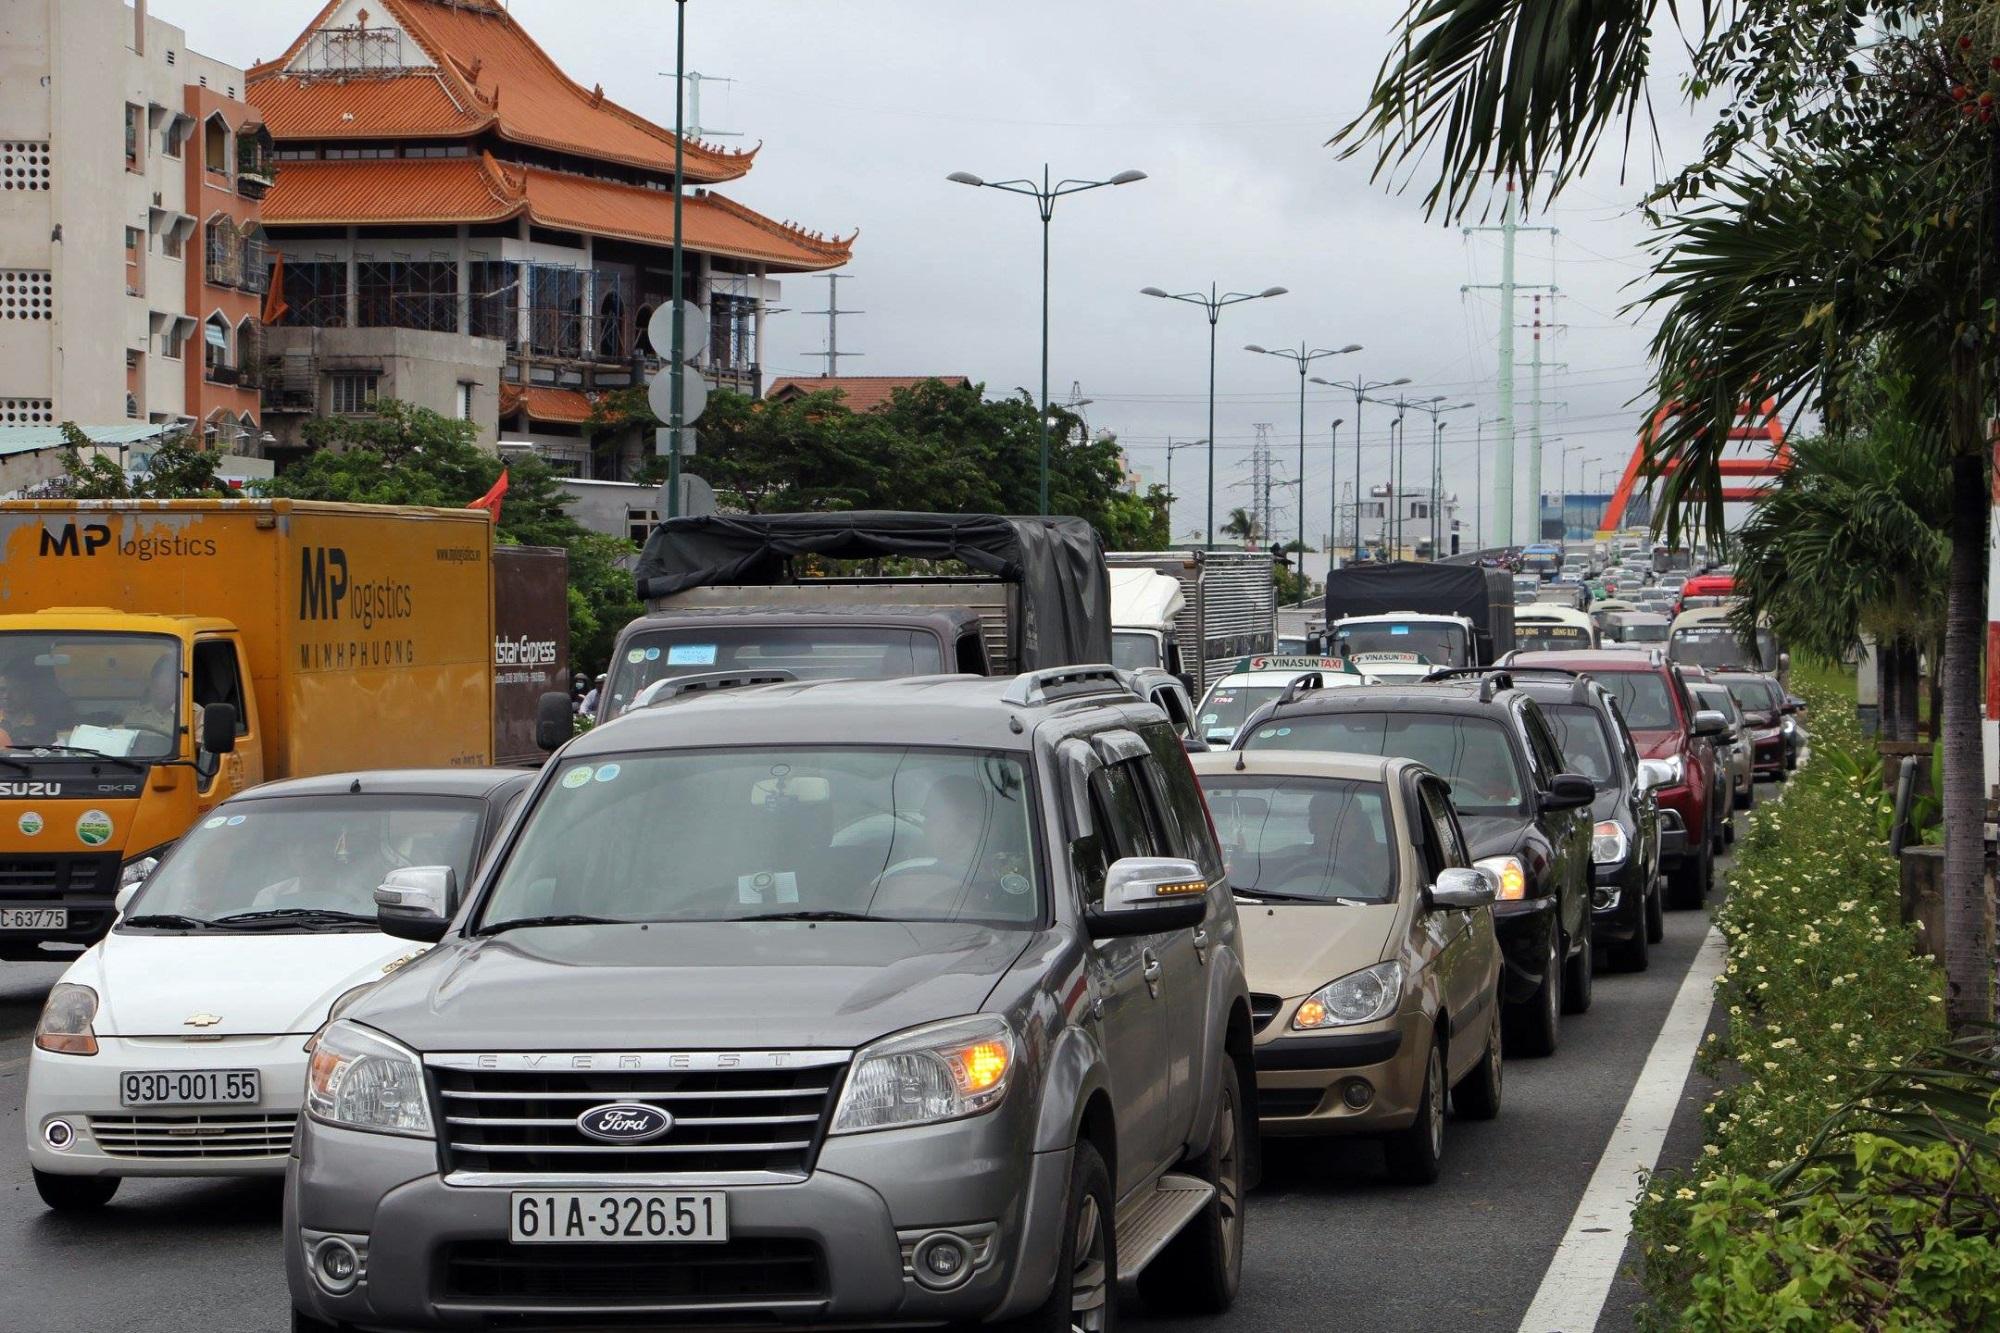 Sau một đêm tơi tả trong bão lịch sử, người Sài Gòn tiếp tục thở không ra hơi vì ngập nước kẹt xe nhiều giờ - Ảnh 2